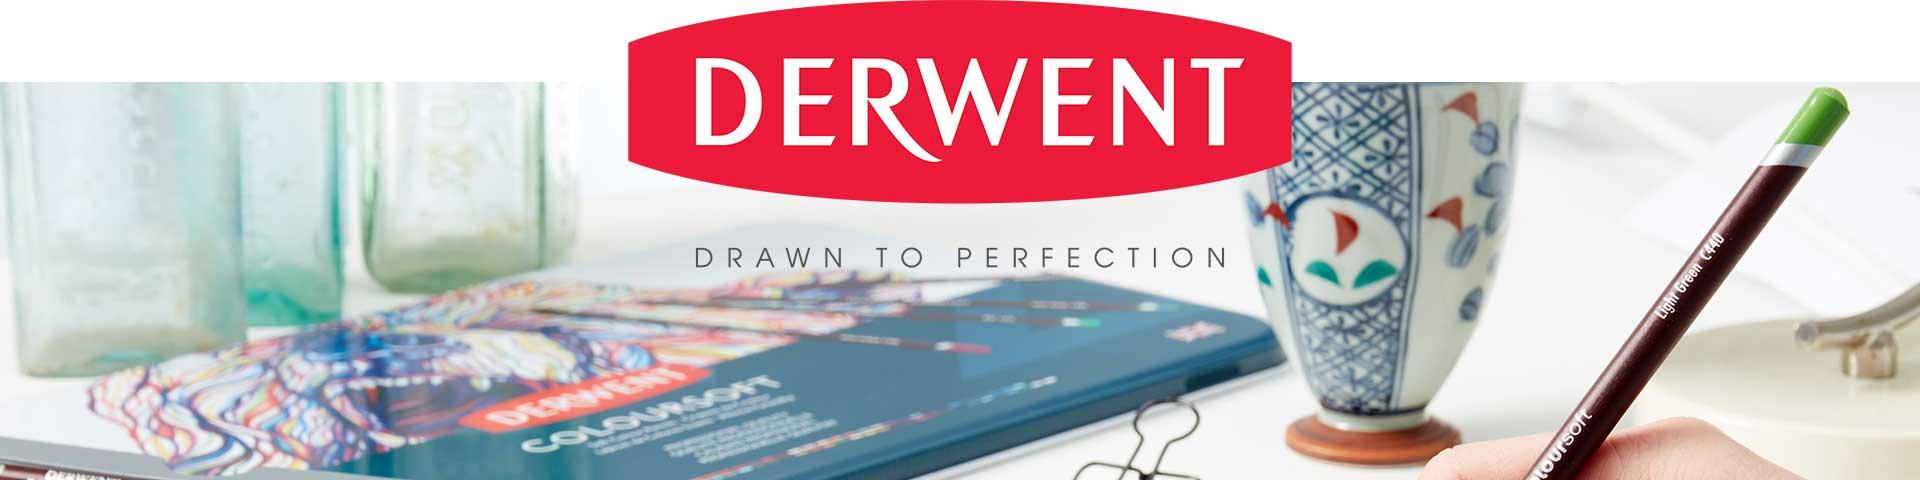 Derwent Blog